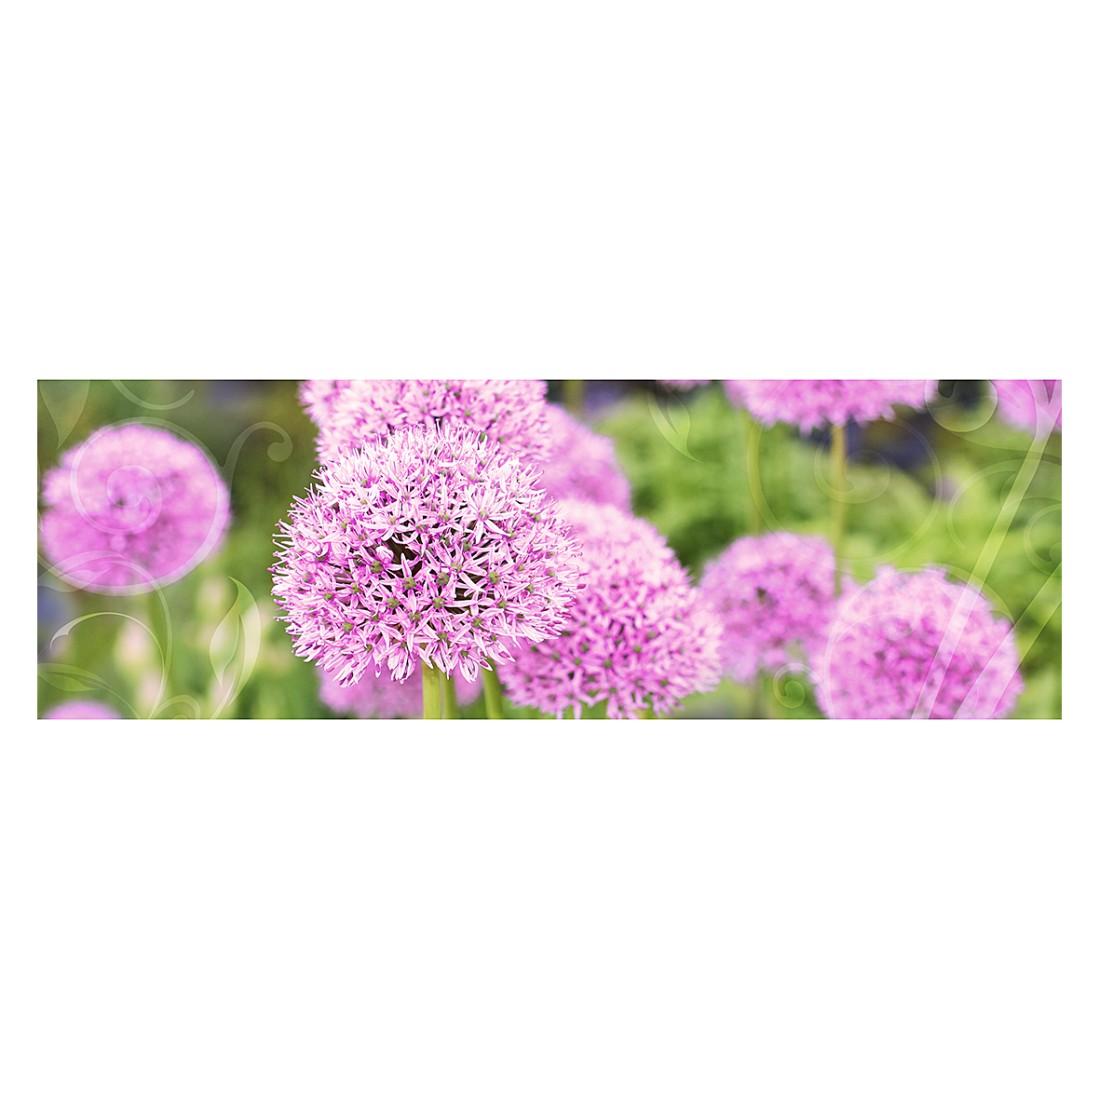 Kunstdruck Pink Meadow 90×30, Pro Art online bestellen